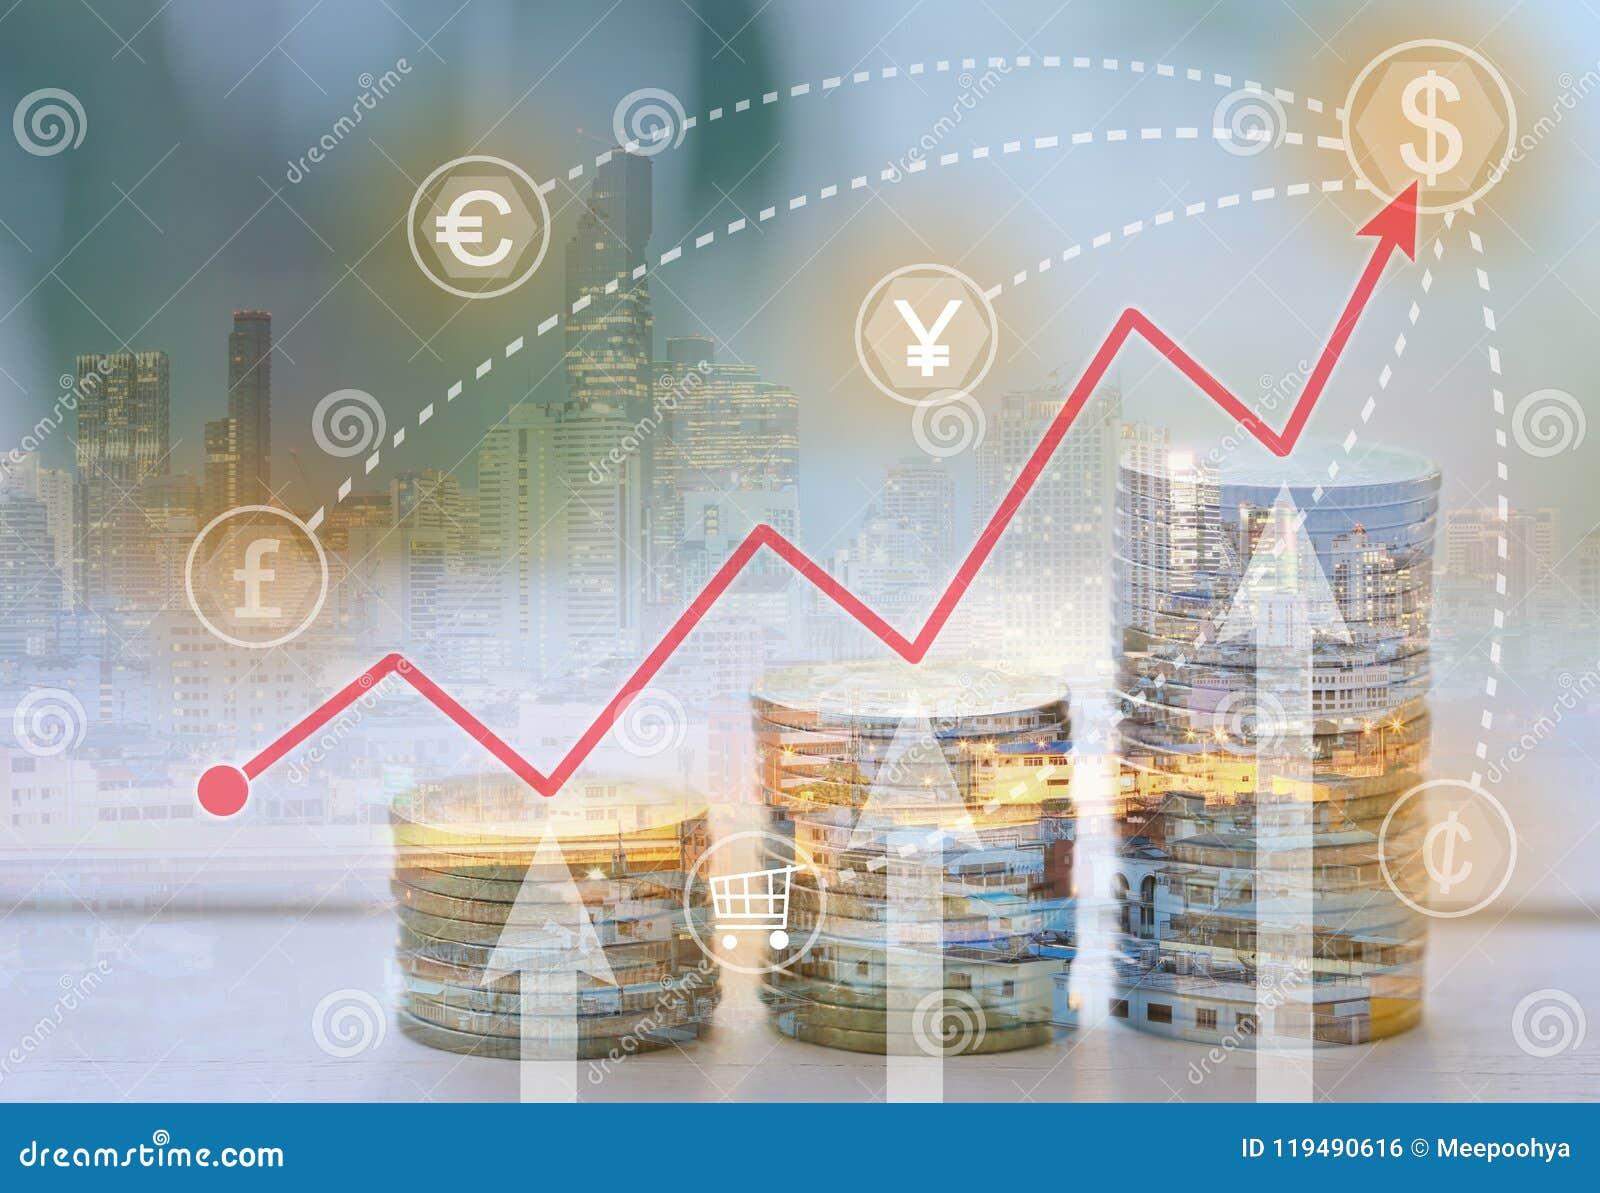 El concepto de negocio sobre el dinero y los beneficios en la inversión negocian